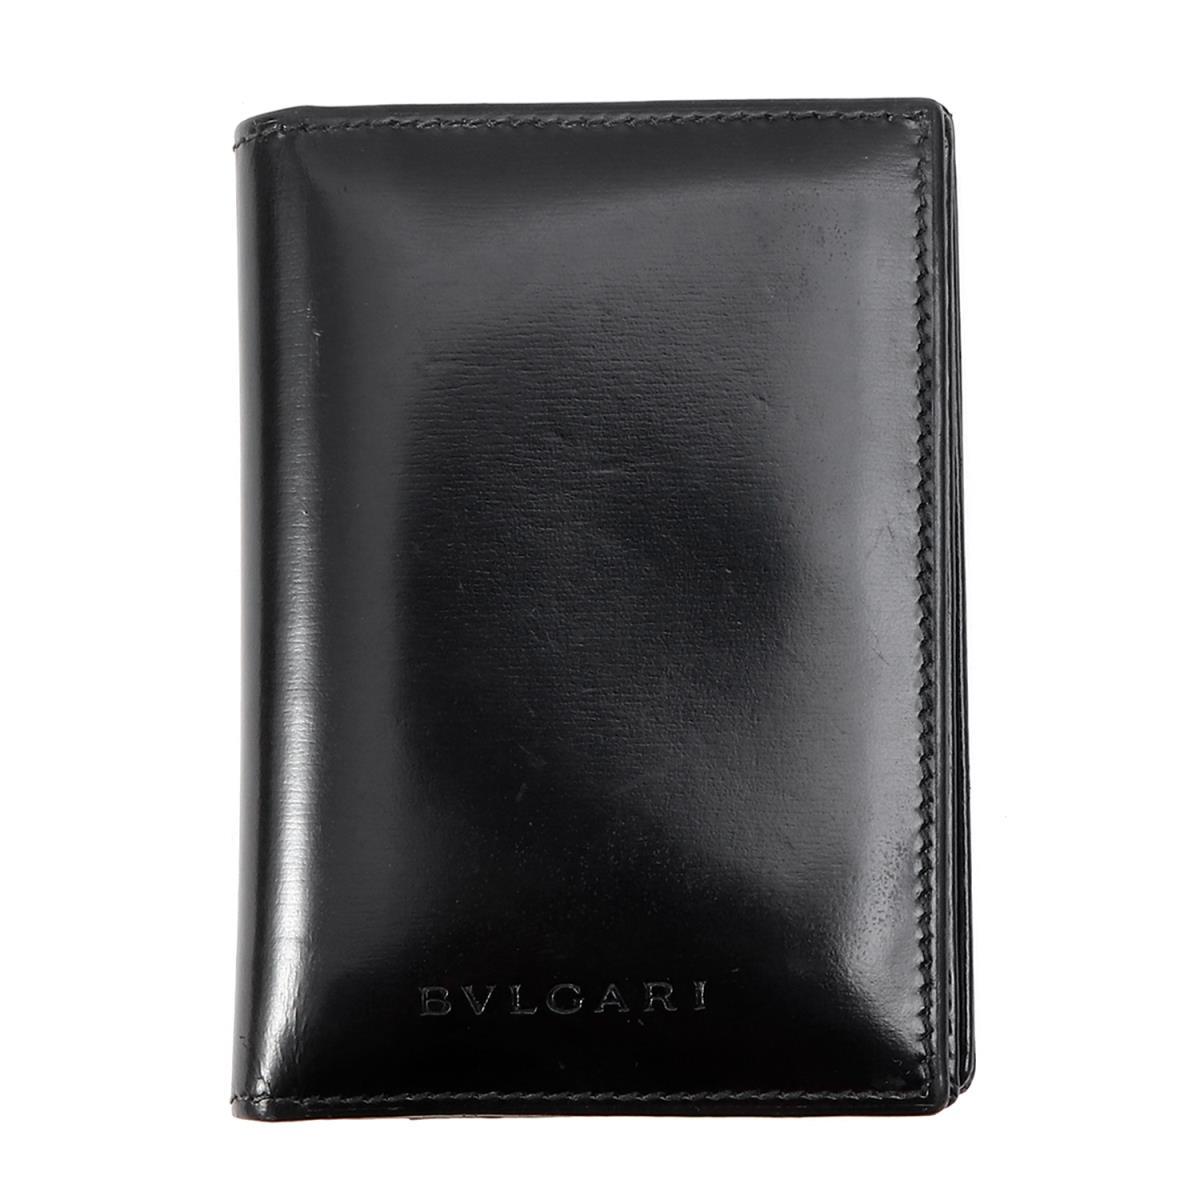 BVLGARI (ブルガリ) ブランドロゴレザーカードケース ブラック 【メンズ】【K2076】【中古】【あす楽☆対応可】